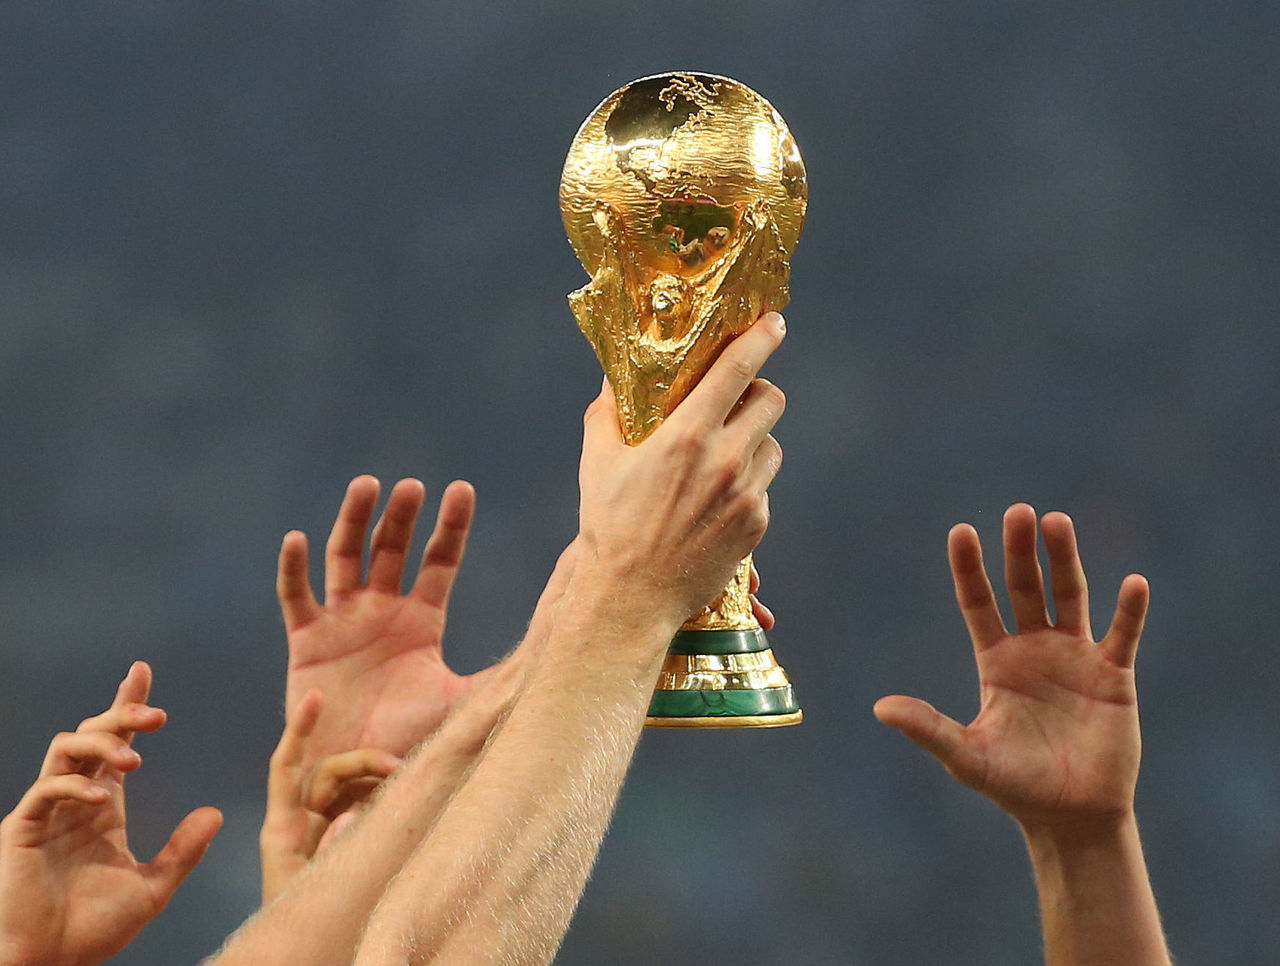 Cropped 2014 07 13t221632z 1 mt1aci12502908 rtrmadp 3 soccer worldcup deu arg